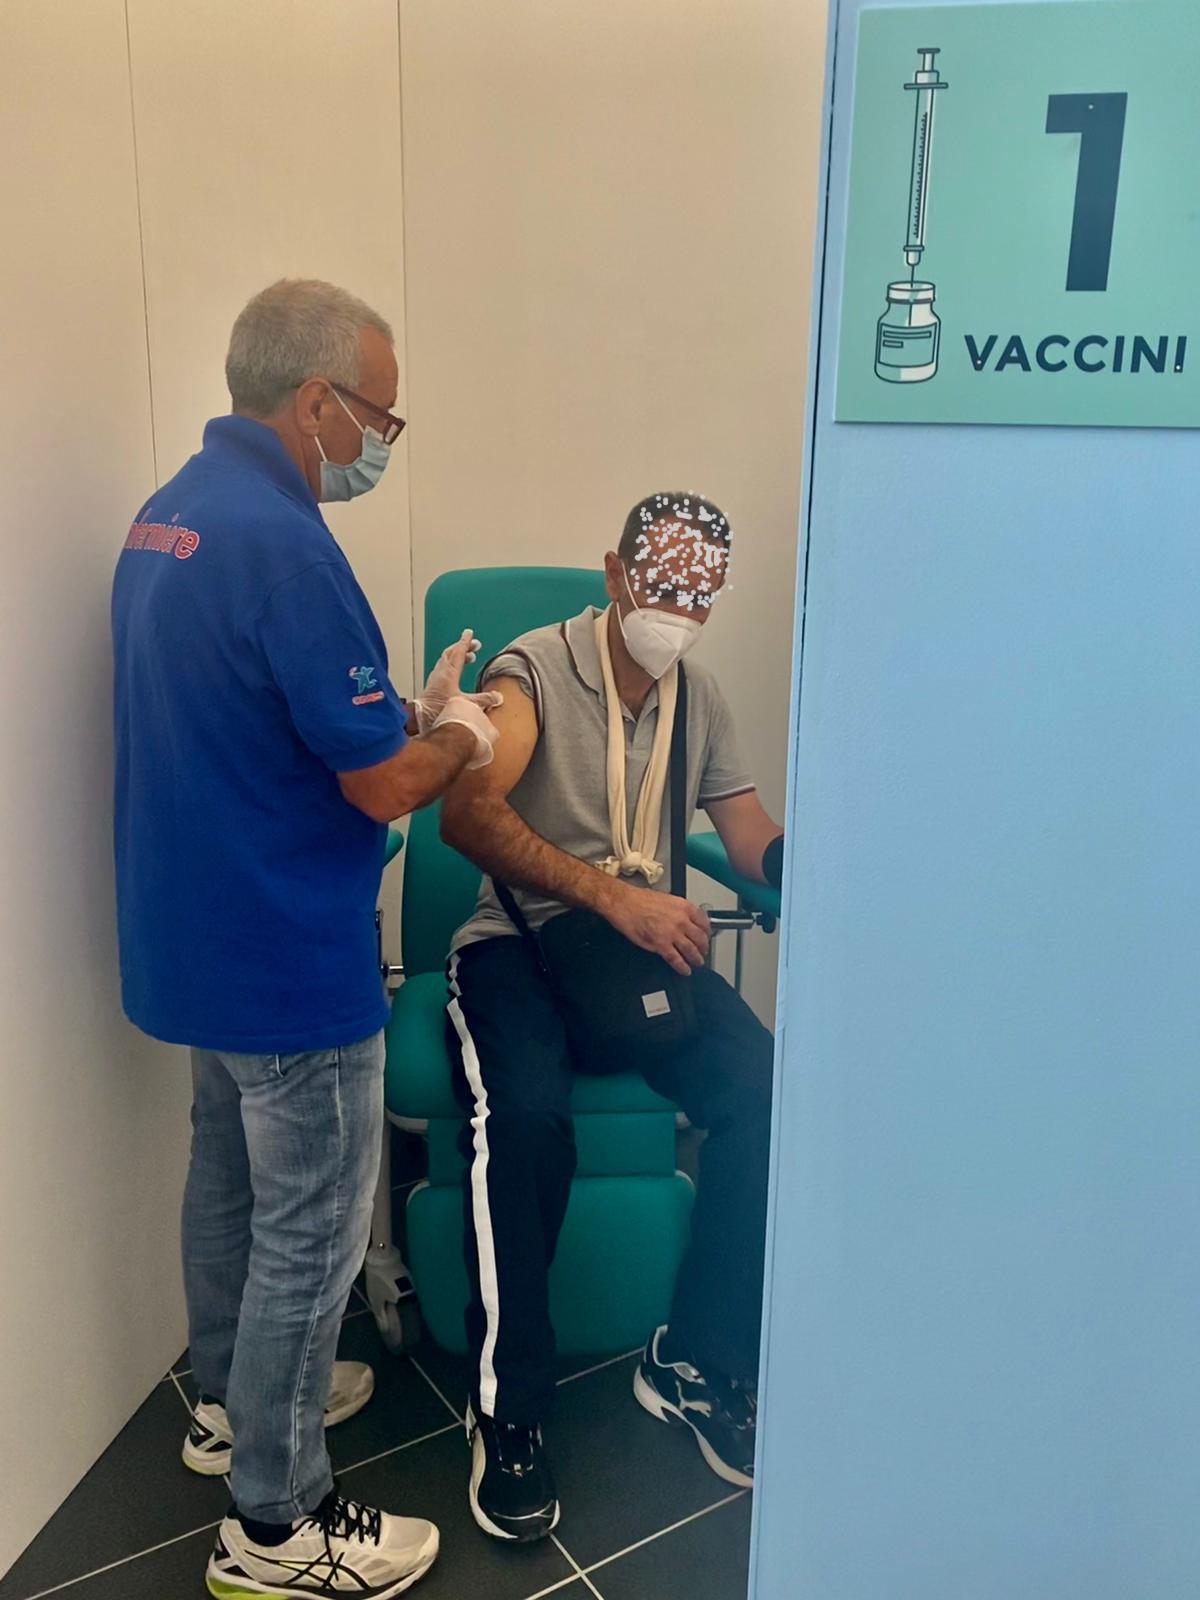 Nuovi HUB vaccini. Sciacca (AG),  Taormina (Me) e Padiglione degli Acquarelli a Palermo. Da oggi iniziano le somministrazioni